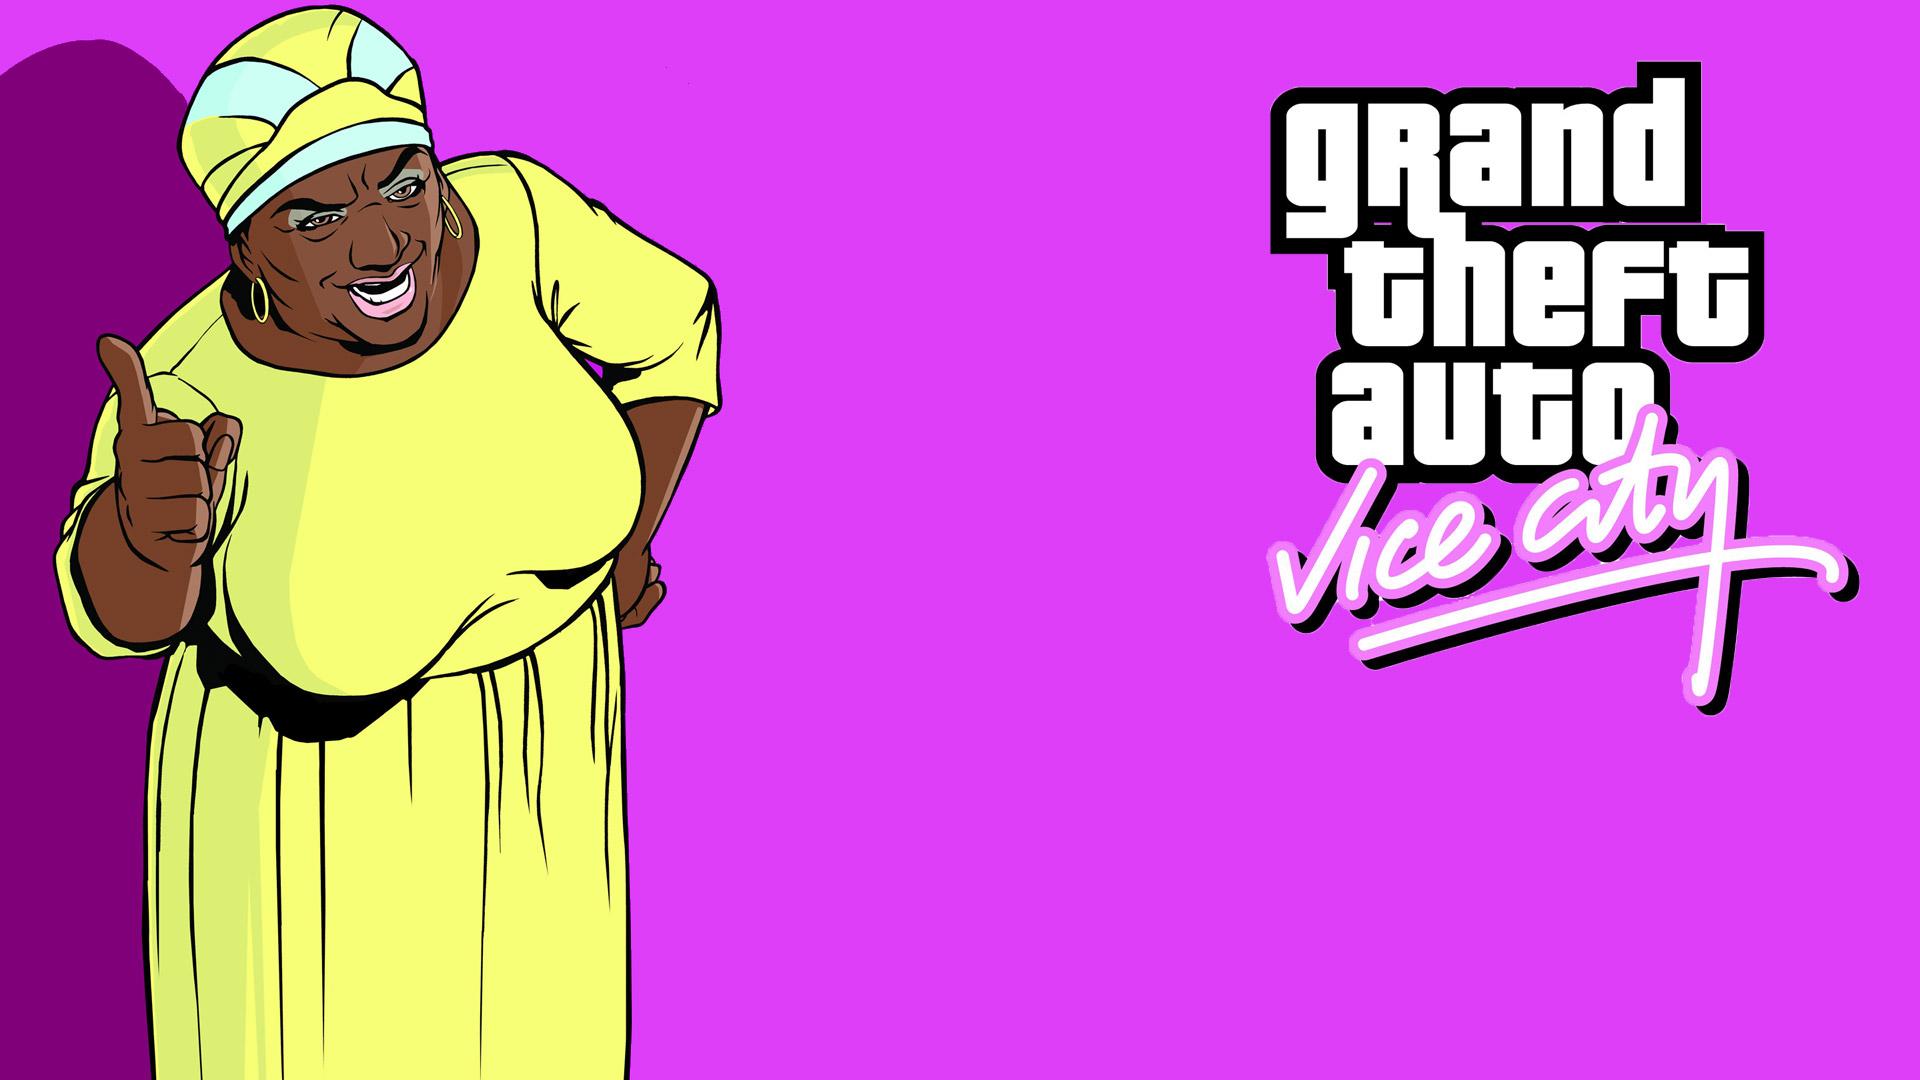 Grand Theft Auto: Vice City Wallpaper in 1920x1080